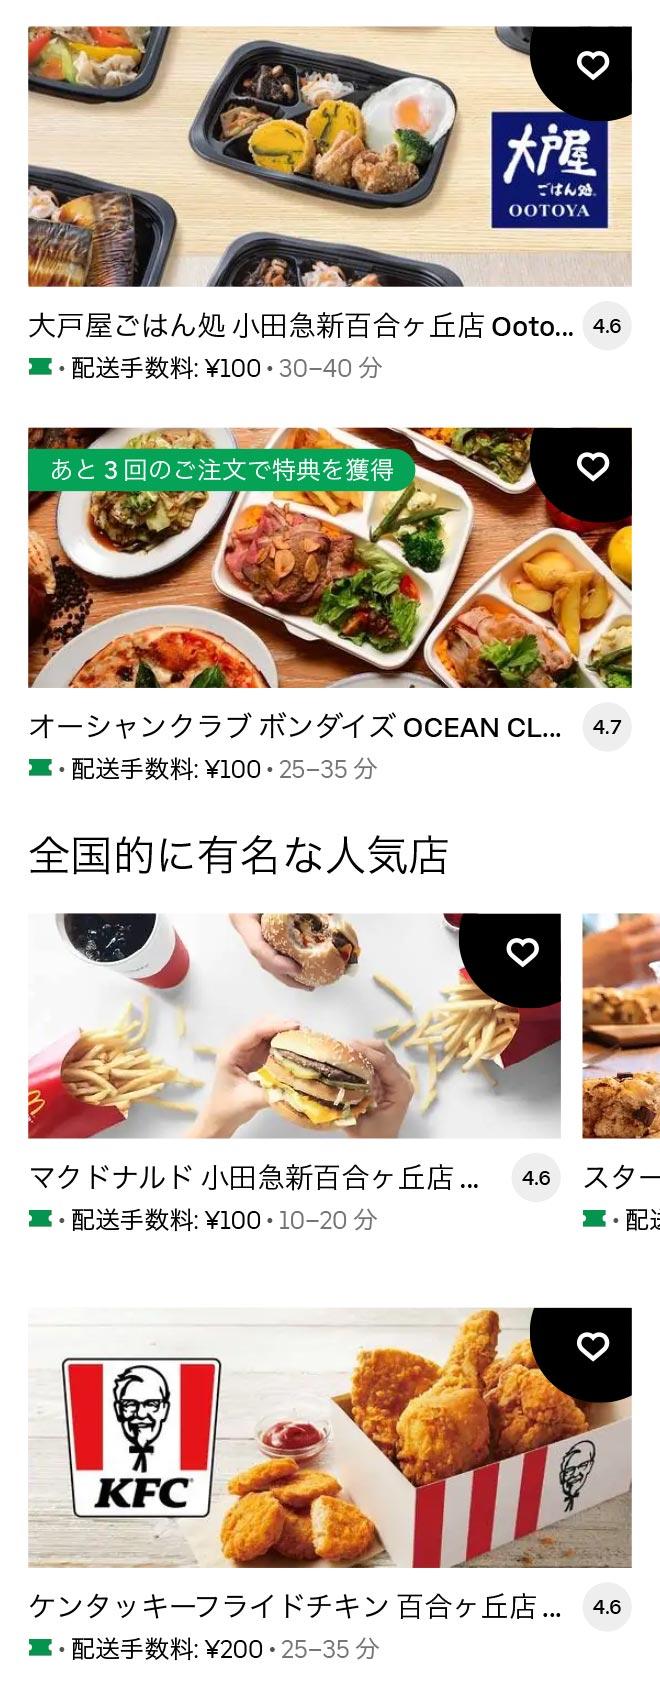 1 u shin yurigaoka 2105 03